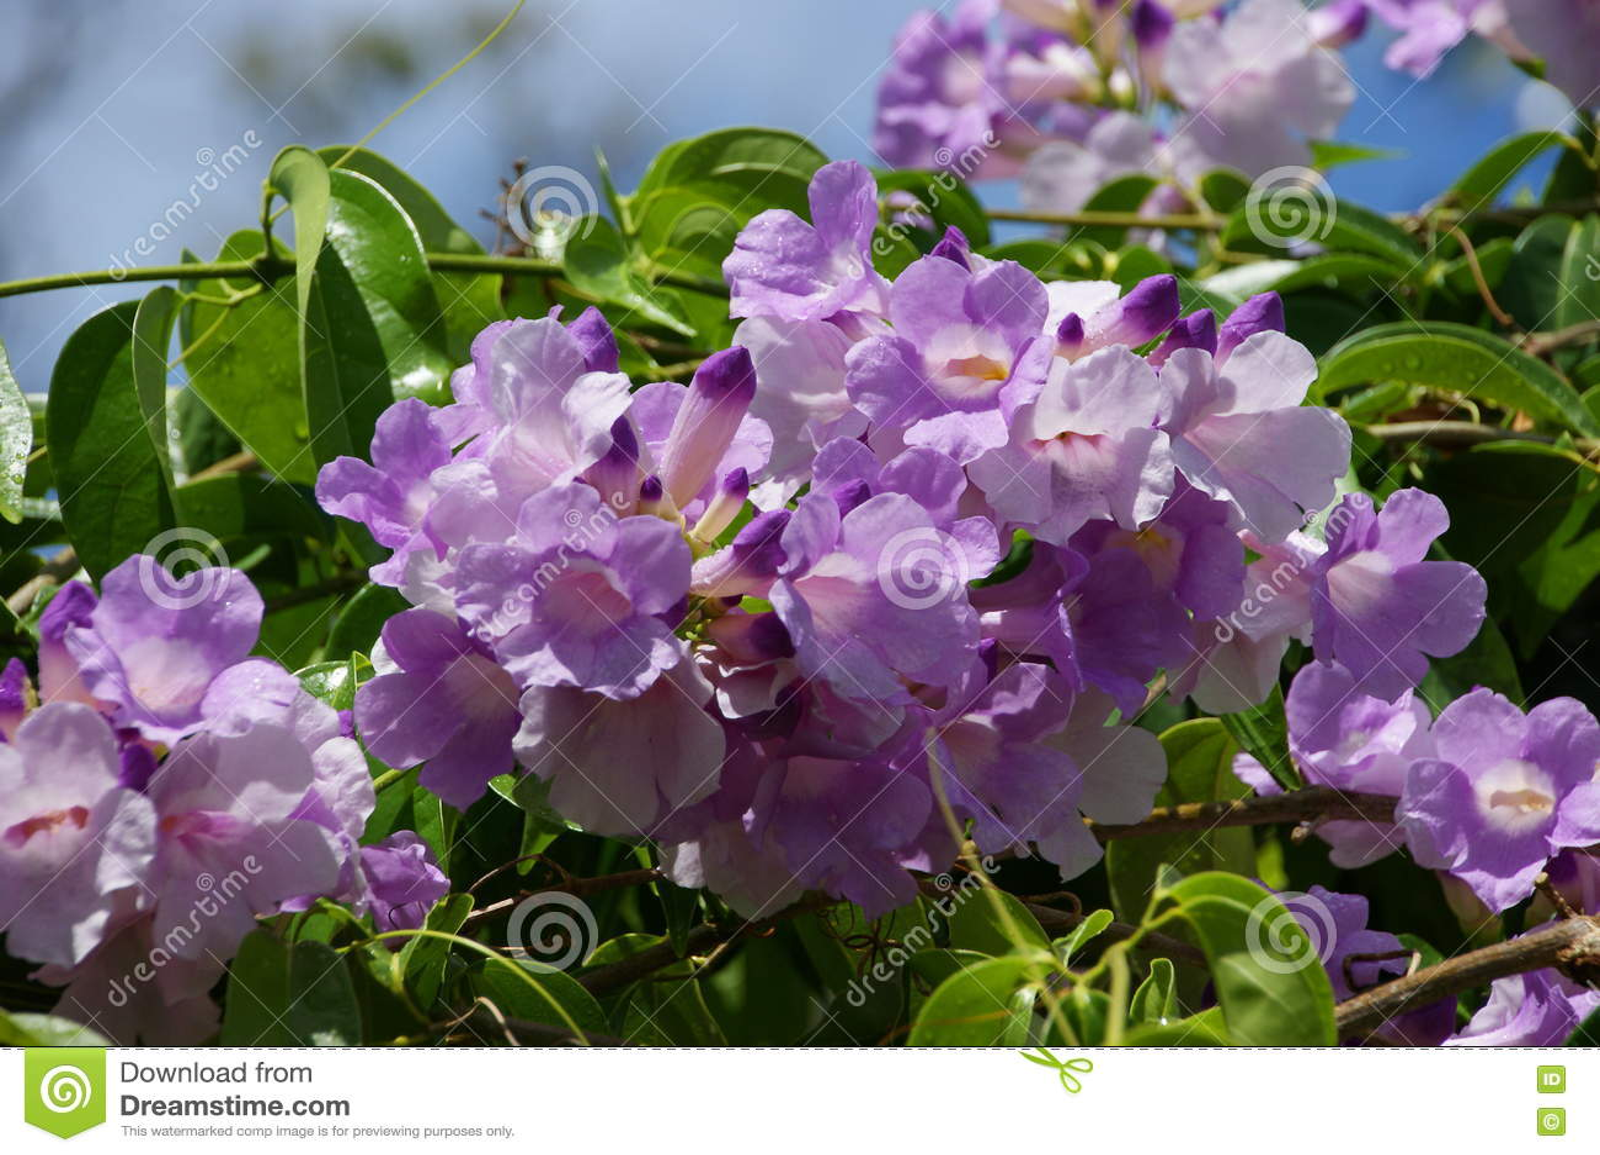 Liana Vine Flower